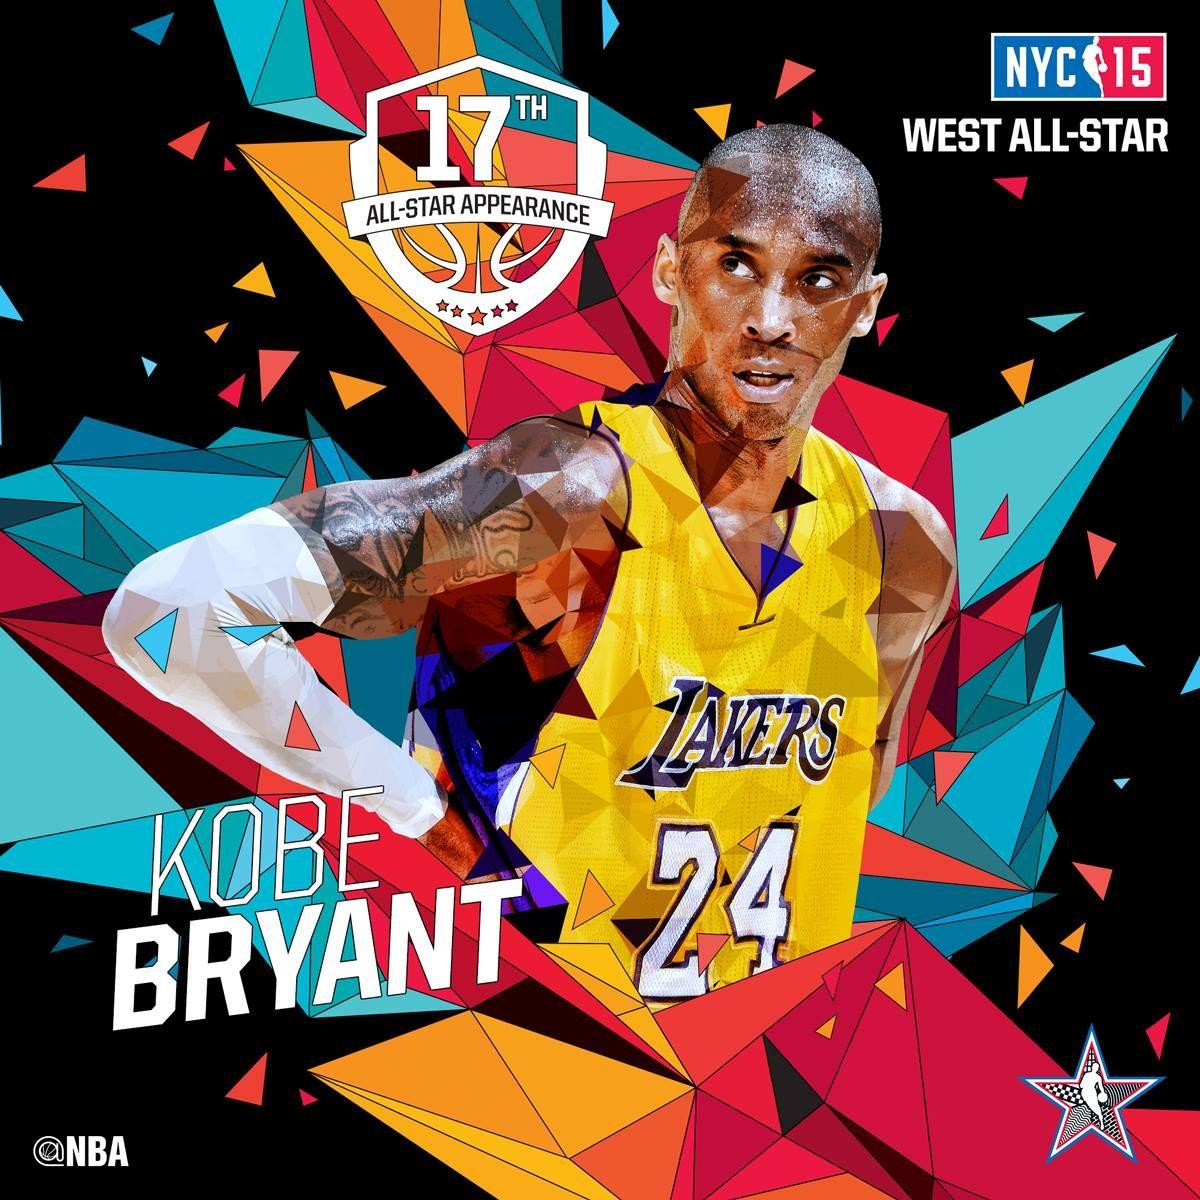 Nhìn lại sự nghiệp lẫy lừng của Kobe Bryant - Ảnh 33.